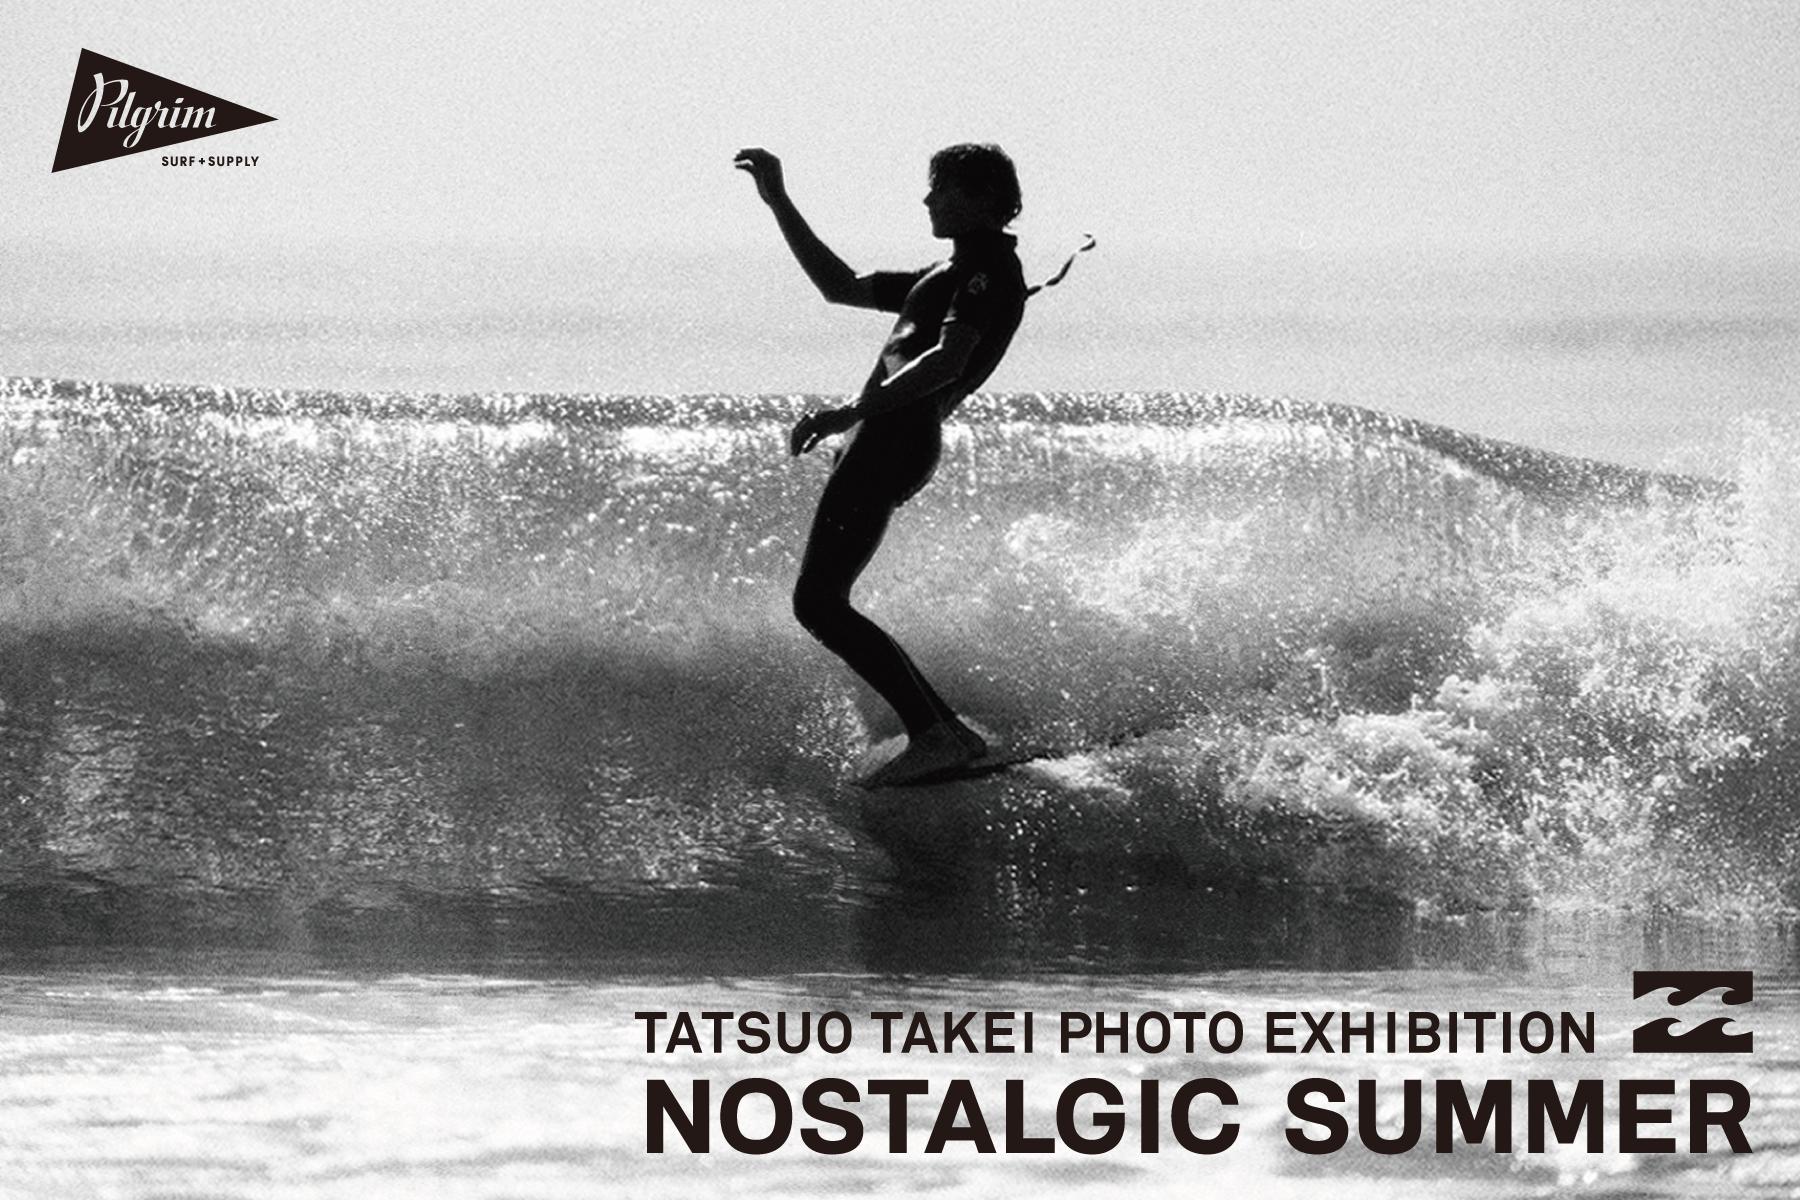 tasuo_takei_photo_exhibition